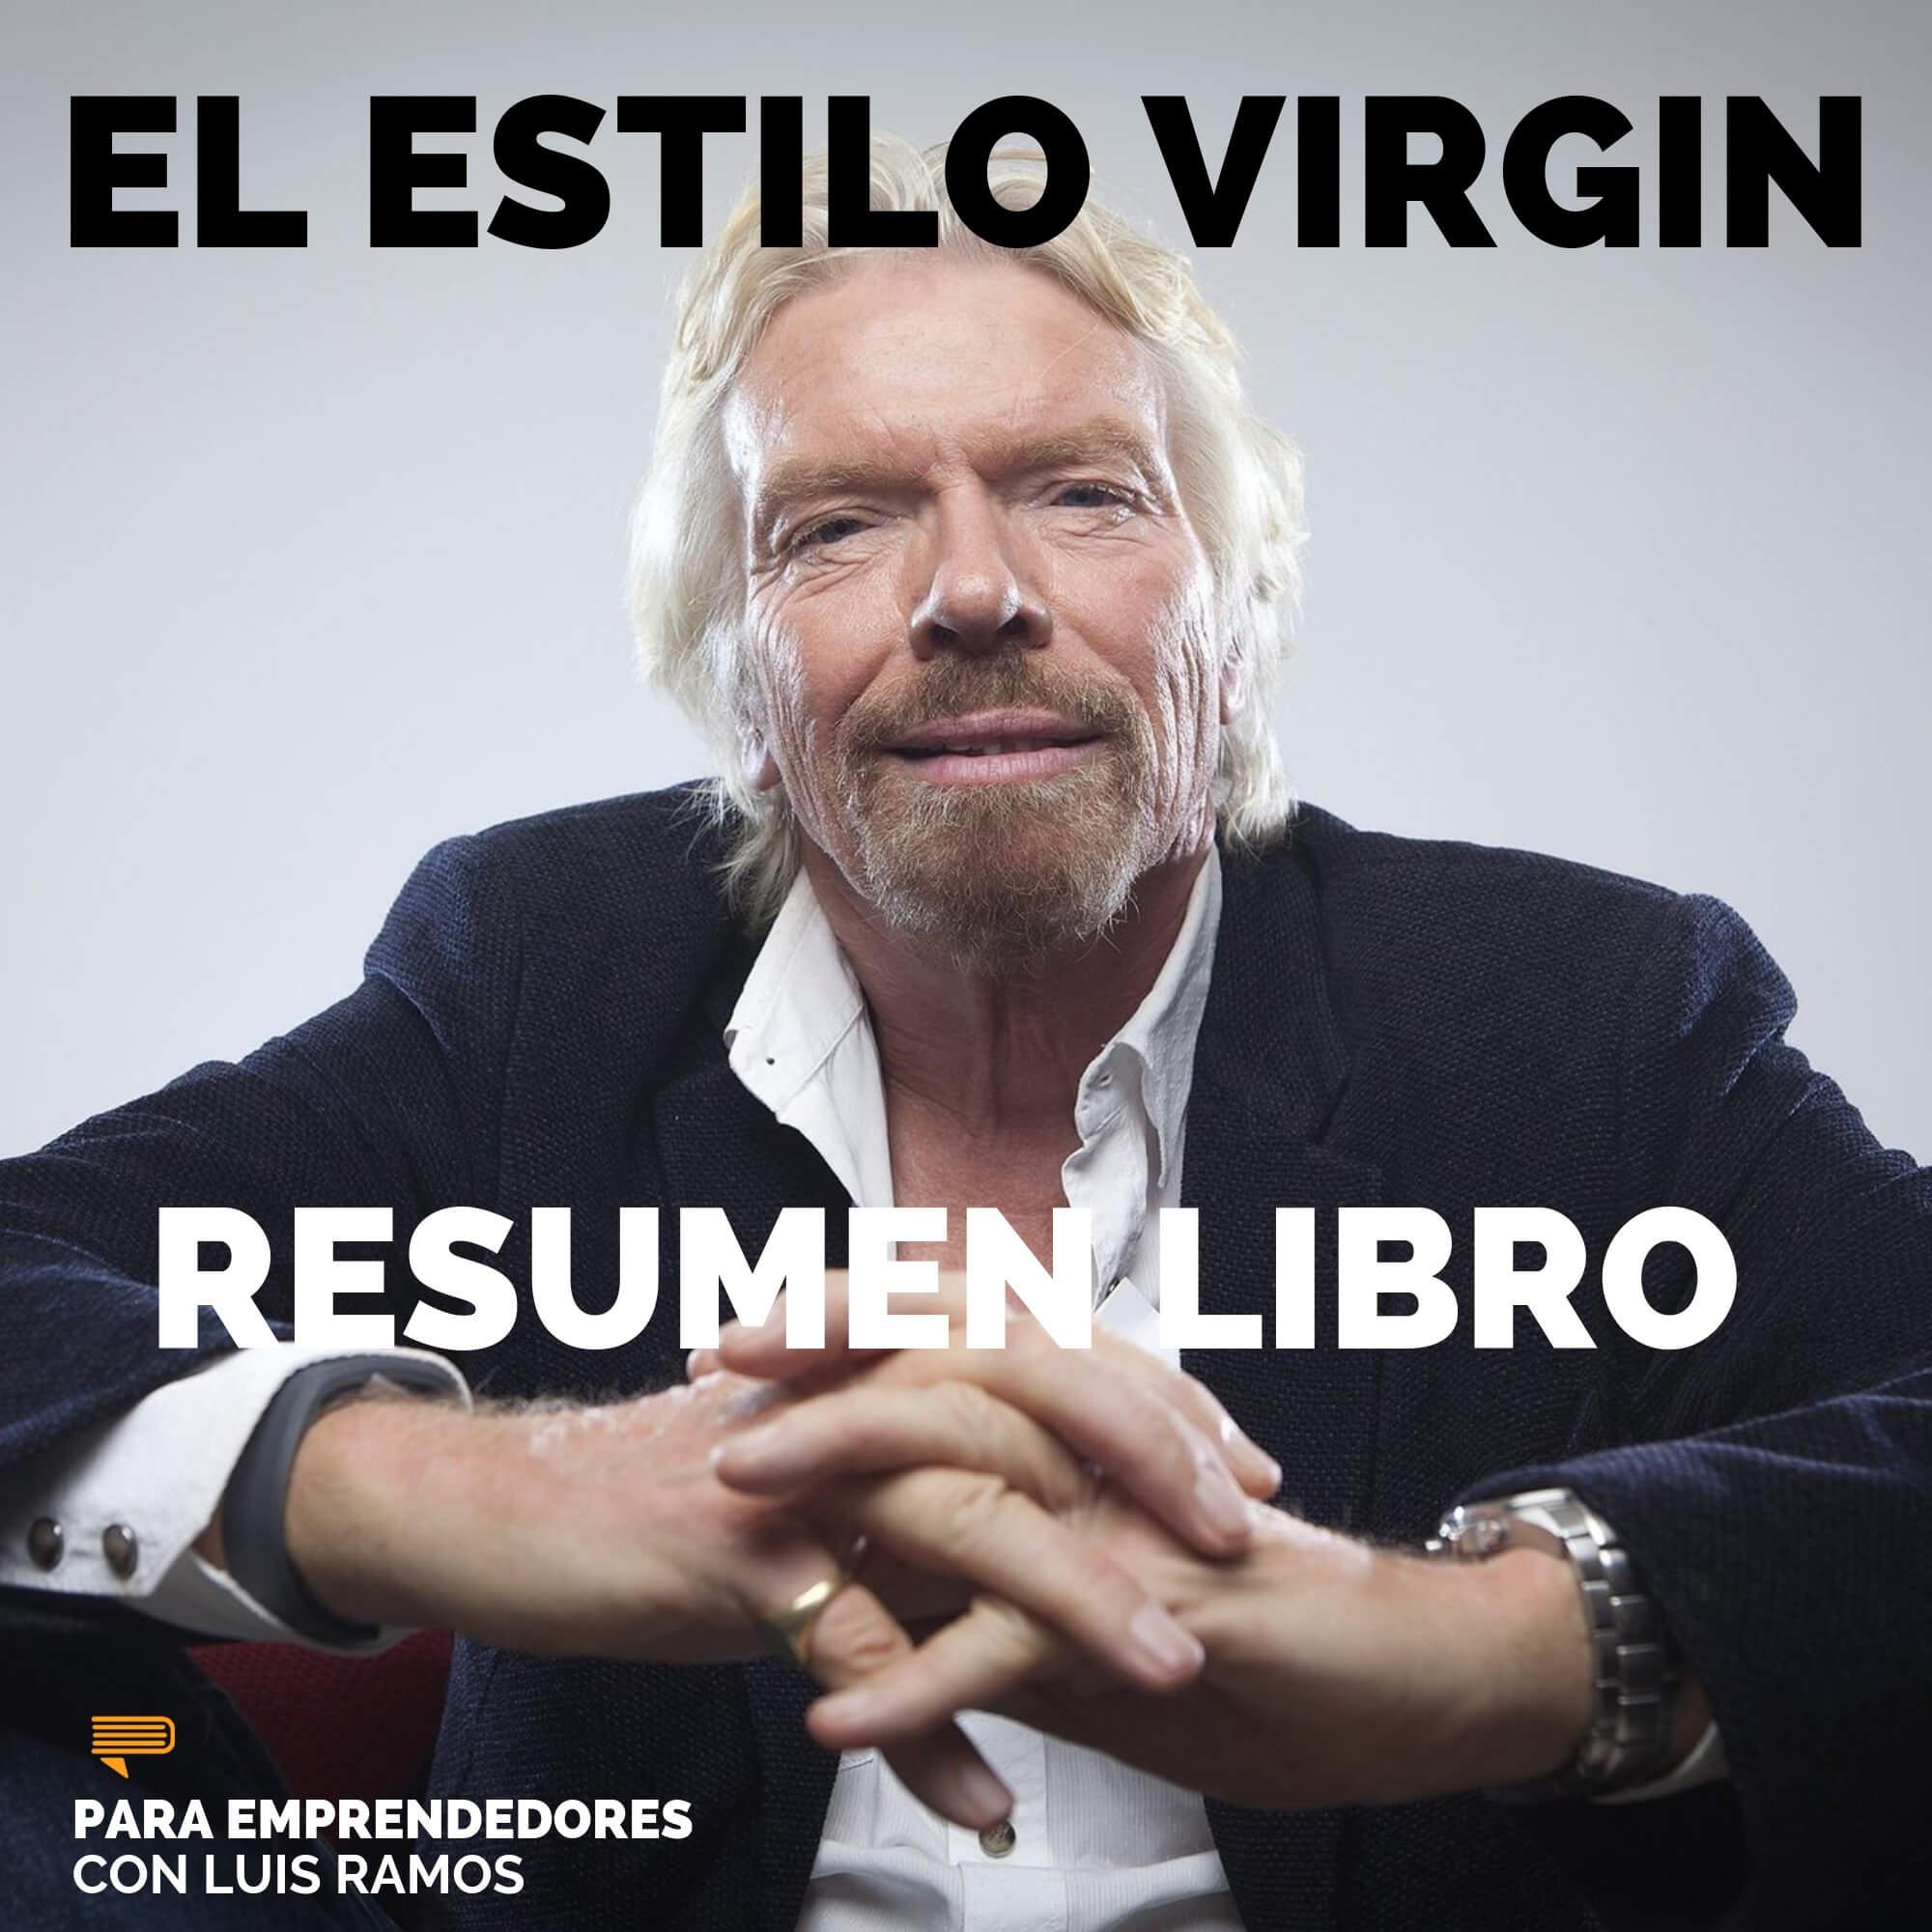 #107 El Estilo Virgin - Un Resumen de Libros para Emprendedores sq